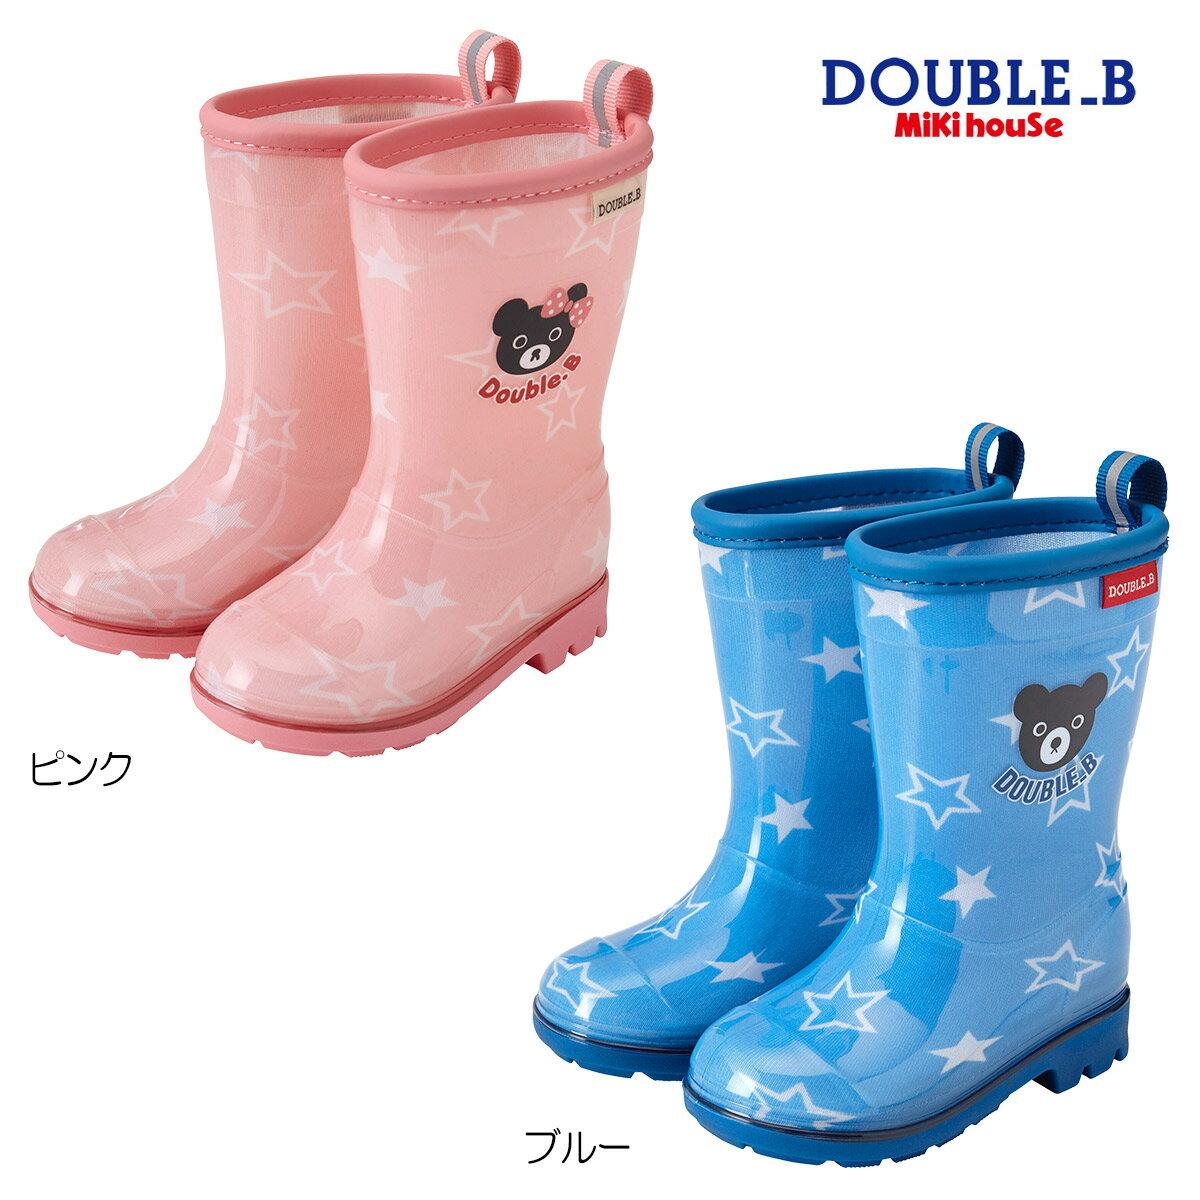 【メール便不可】【DOUBLE B ダブルビー】レインブーツ(長靴)(13cm-20cm)【ミキハウス/キッズ】